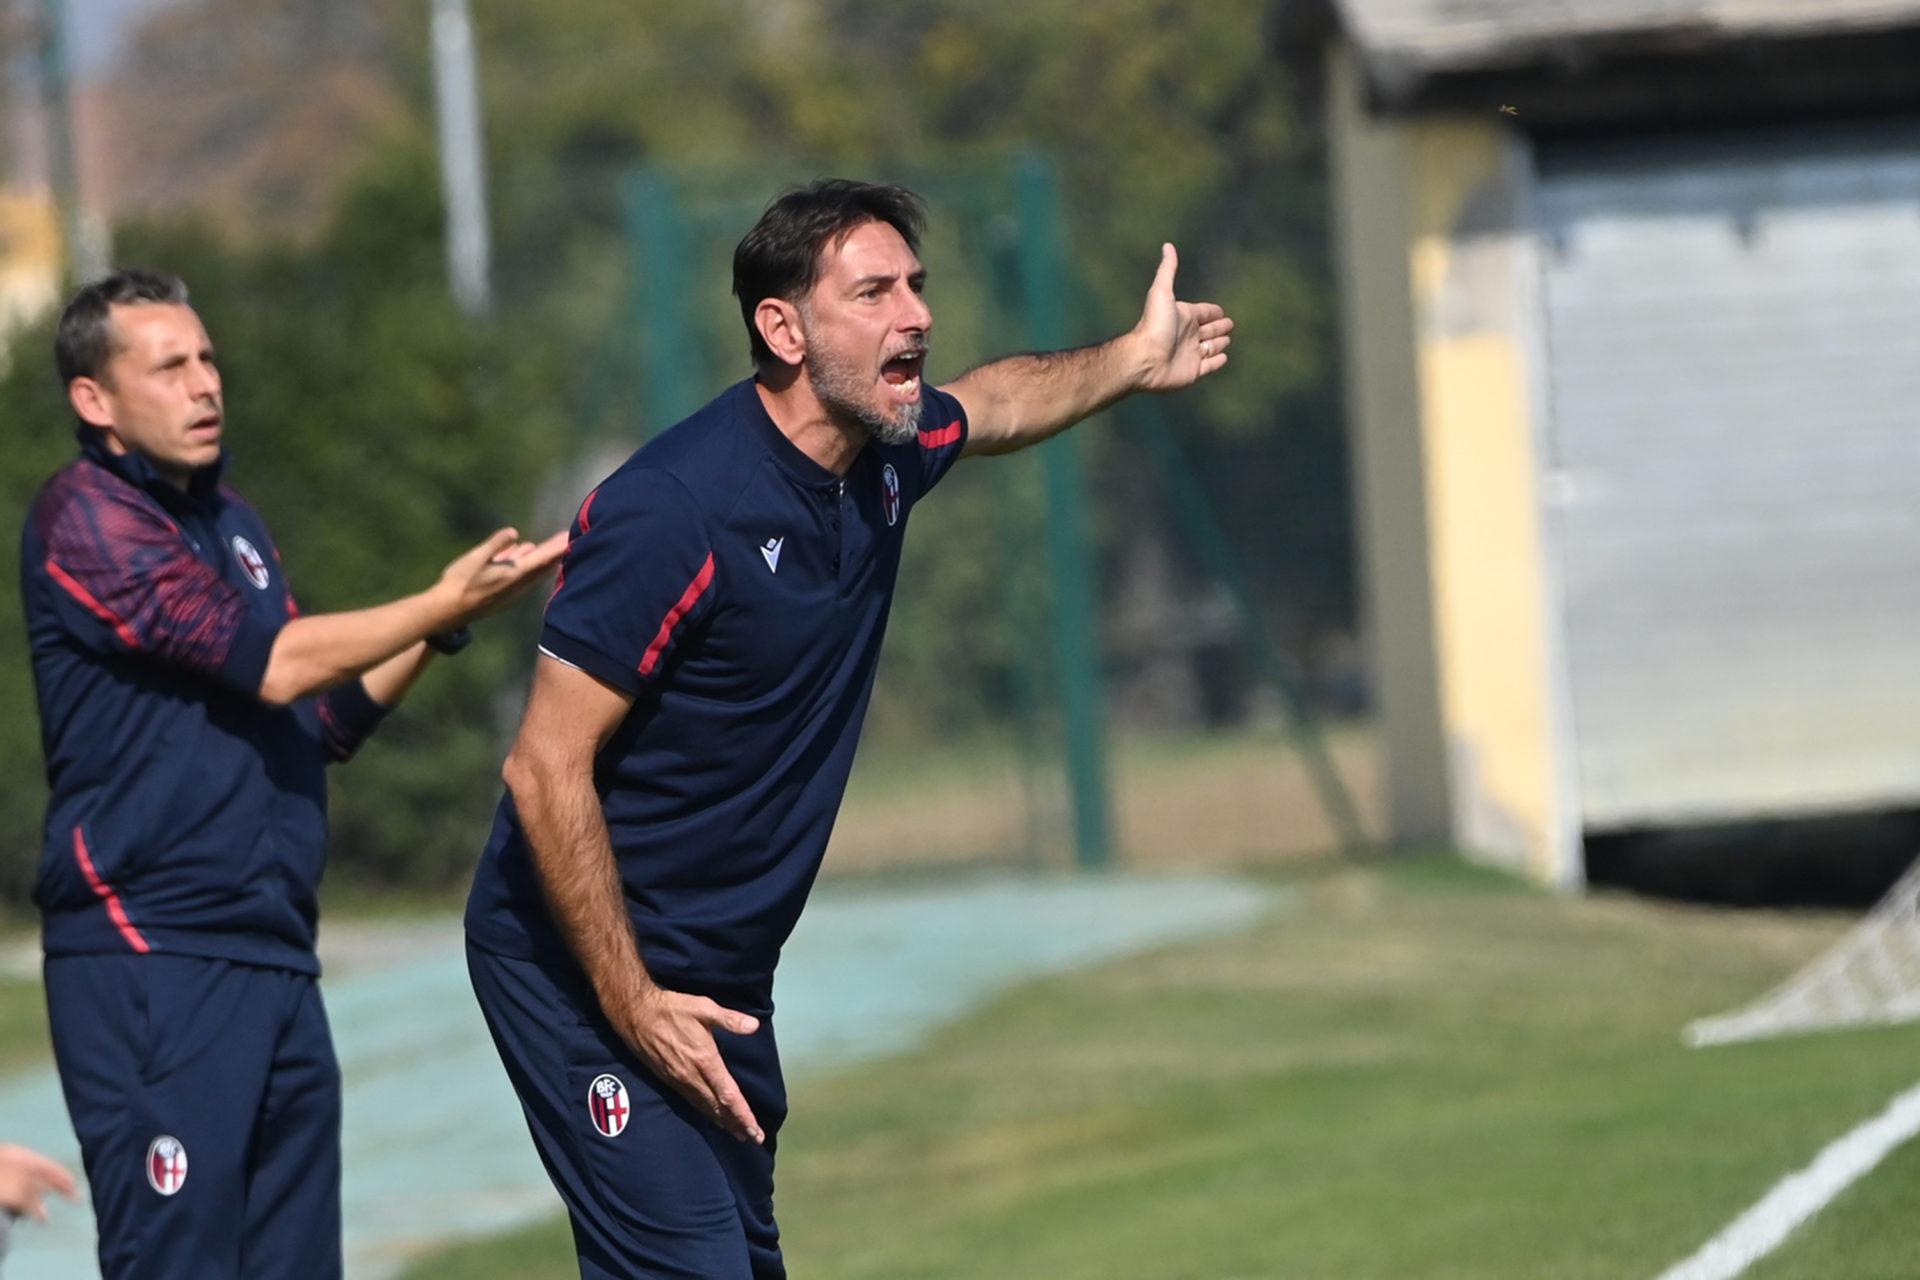 PRIMAVERA PREVIEW, Juventus-Bologna - I rossoblù per il colpaccio, i bianconeri per la conferma